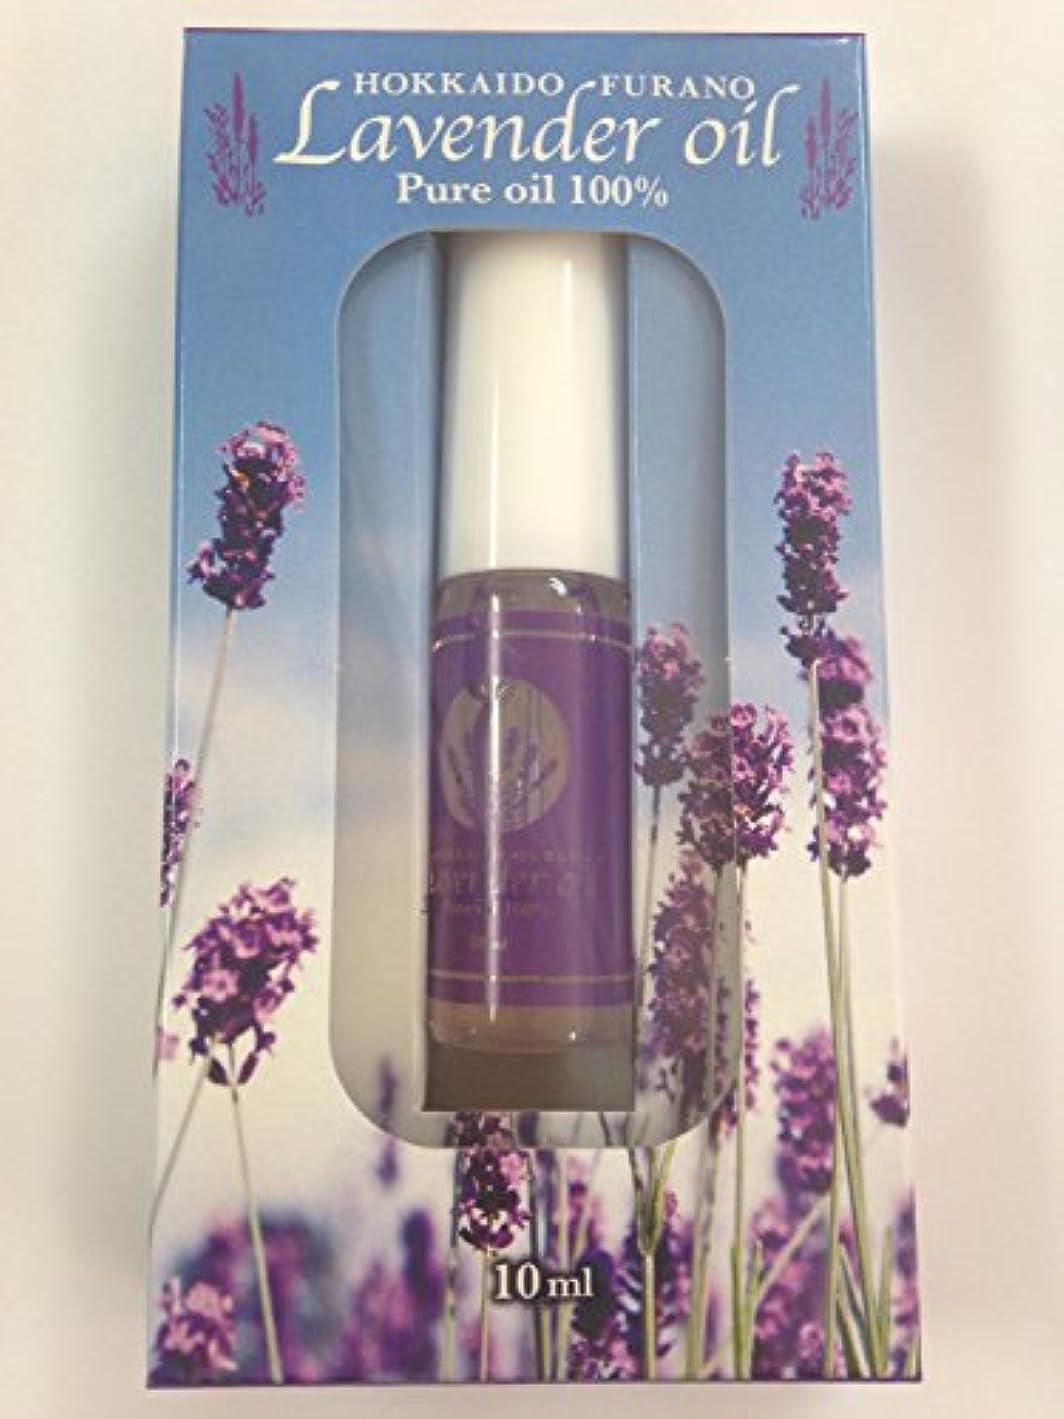 北海道◆ラベンダー天然精油100%?10ml<水蒸気蒸留法>Lavender oil